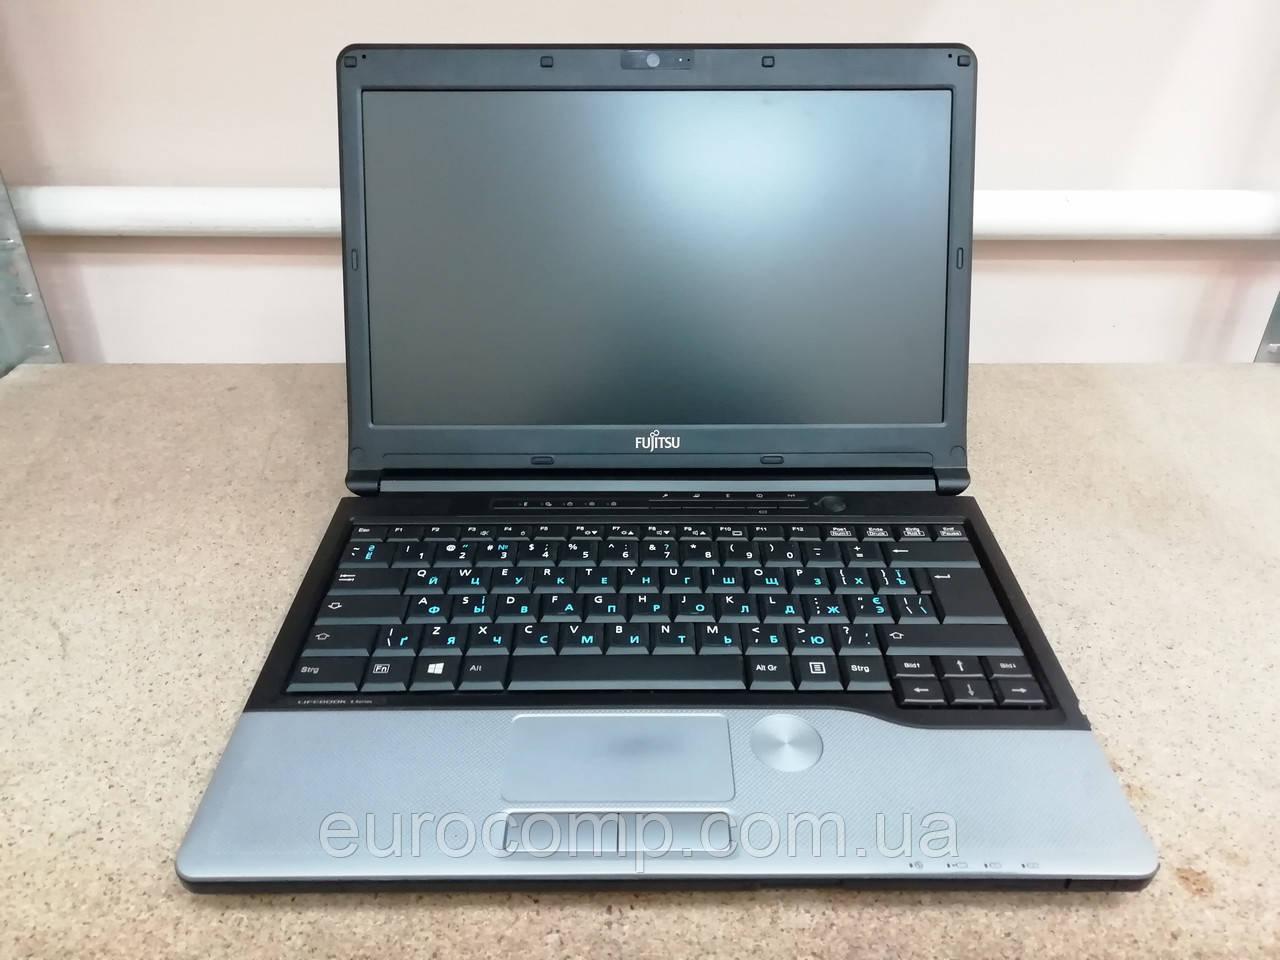 Мощный и лёгкий ноутбук бизнес Fujitsu Lifebook S762 13'' (Лицензия Windows 10 Pro)